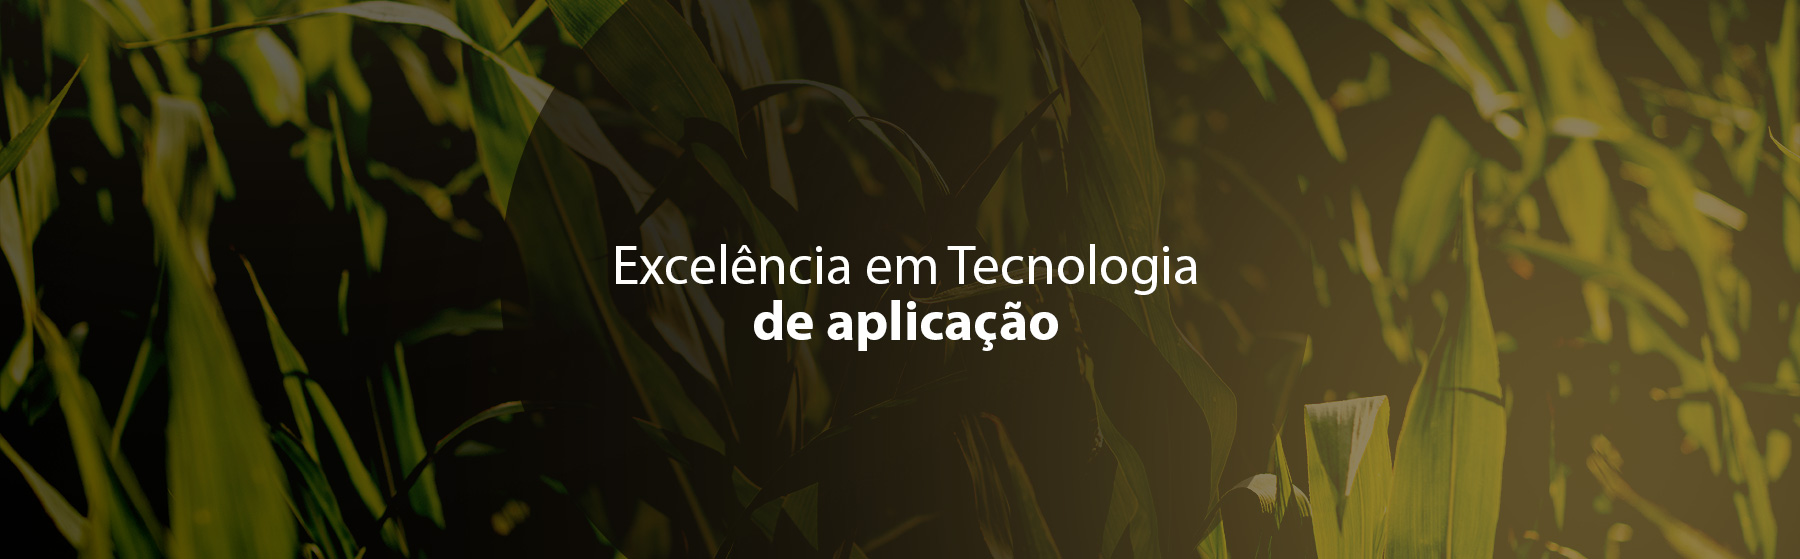 Excelência em Tecnologia de aplicação